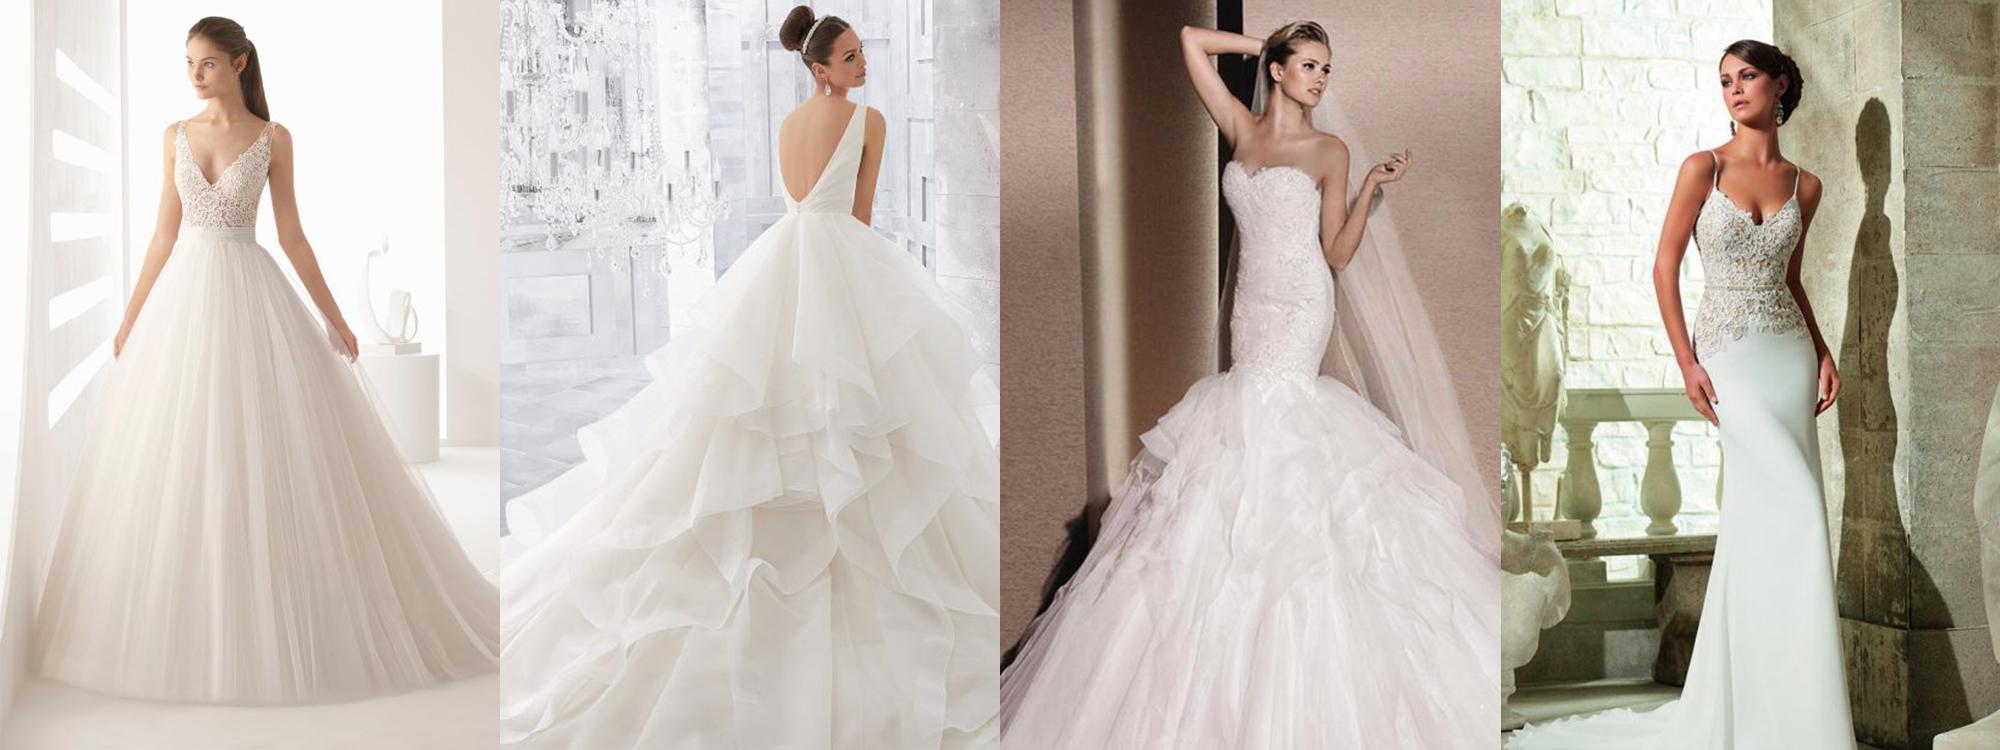 裙擺類型-婚紗統整